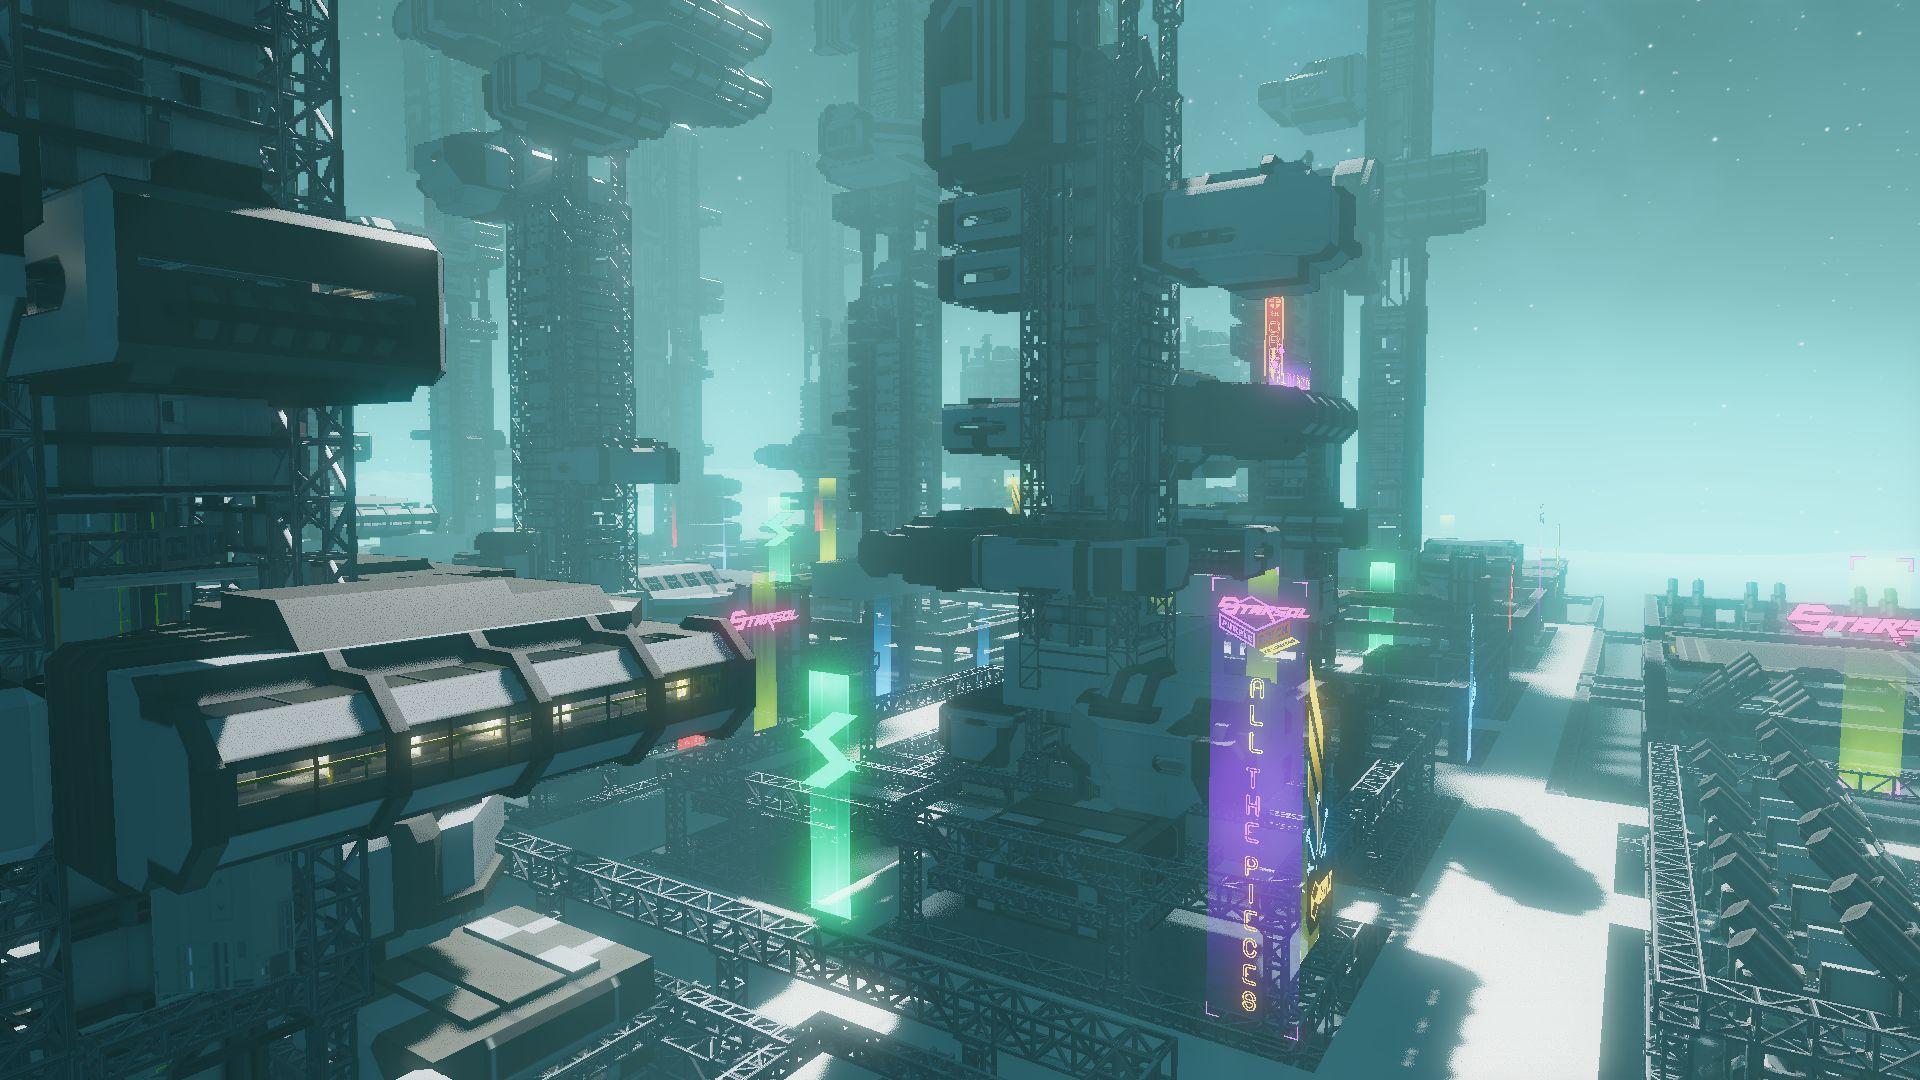 Starbase: Материалы в конструировании, новые астероидные пояса, крутой майнинг и... мяу